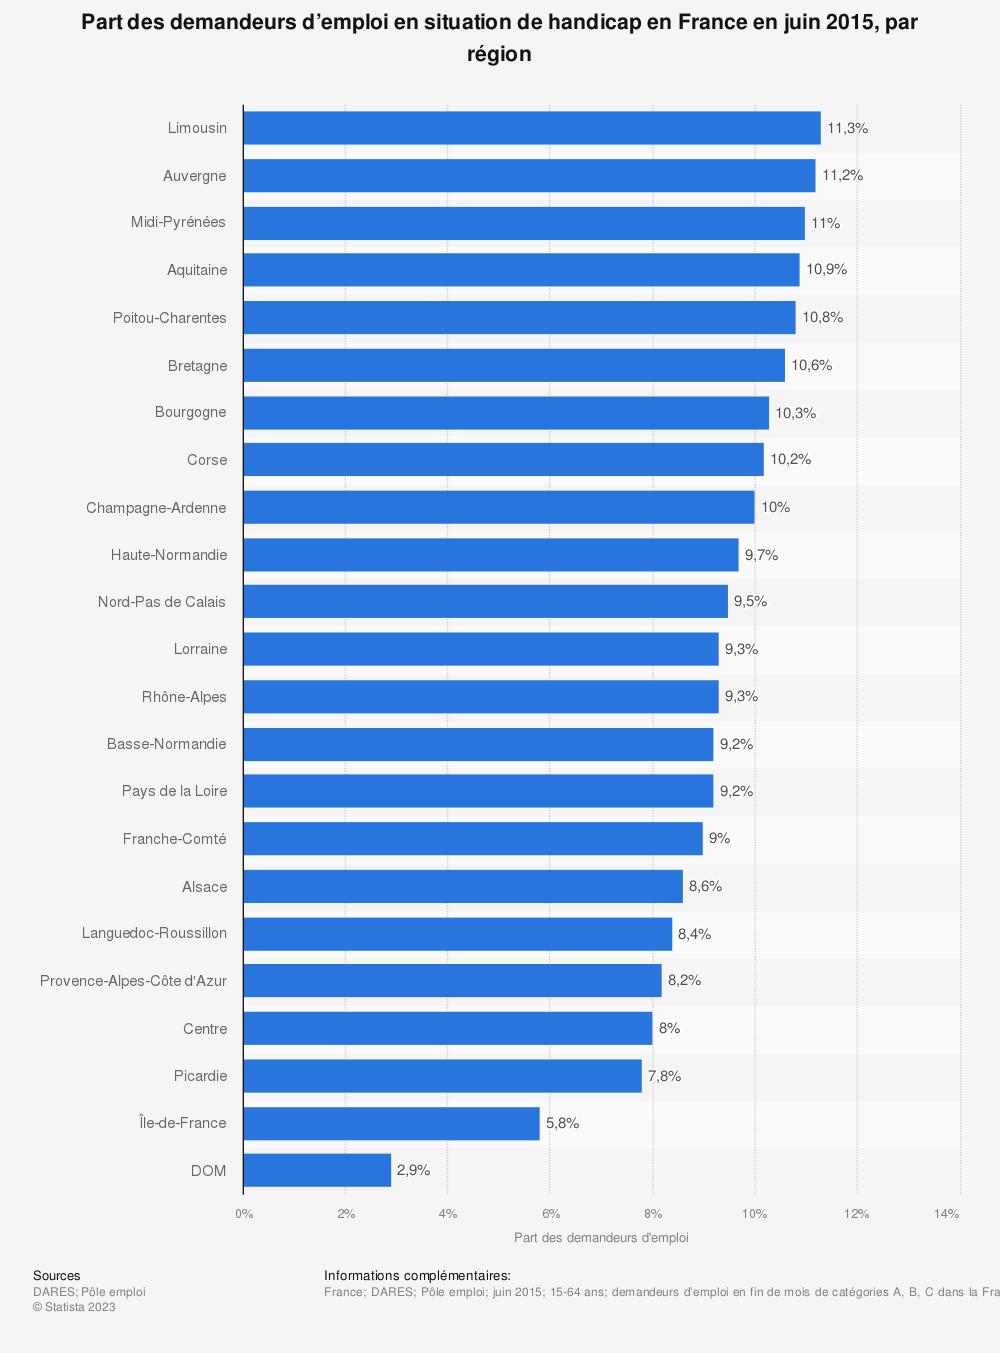 Statistique: Part des demandeurs d'emploi en situation de handicap en France en juin 2015, par région | Statista